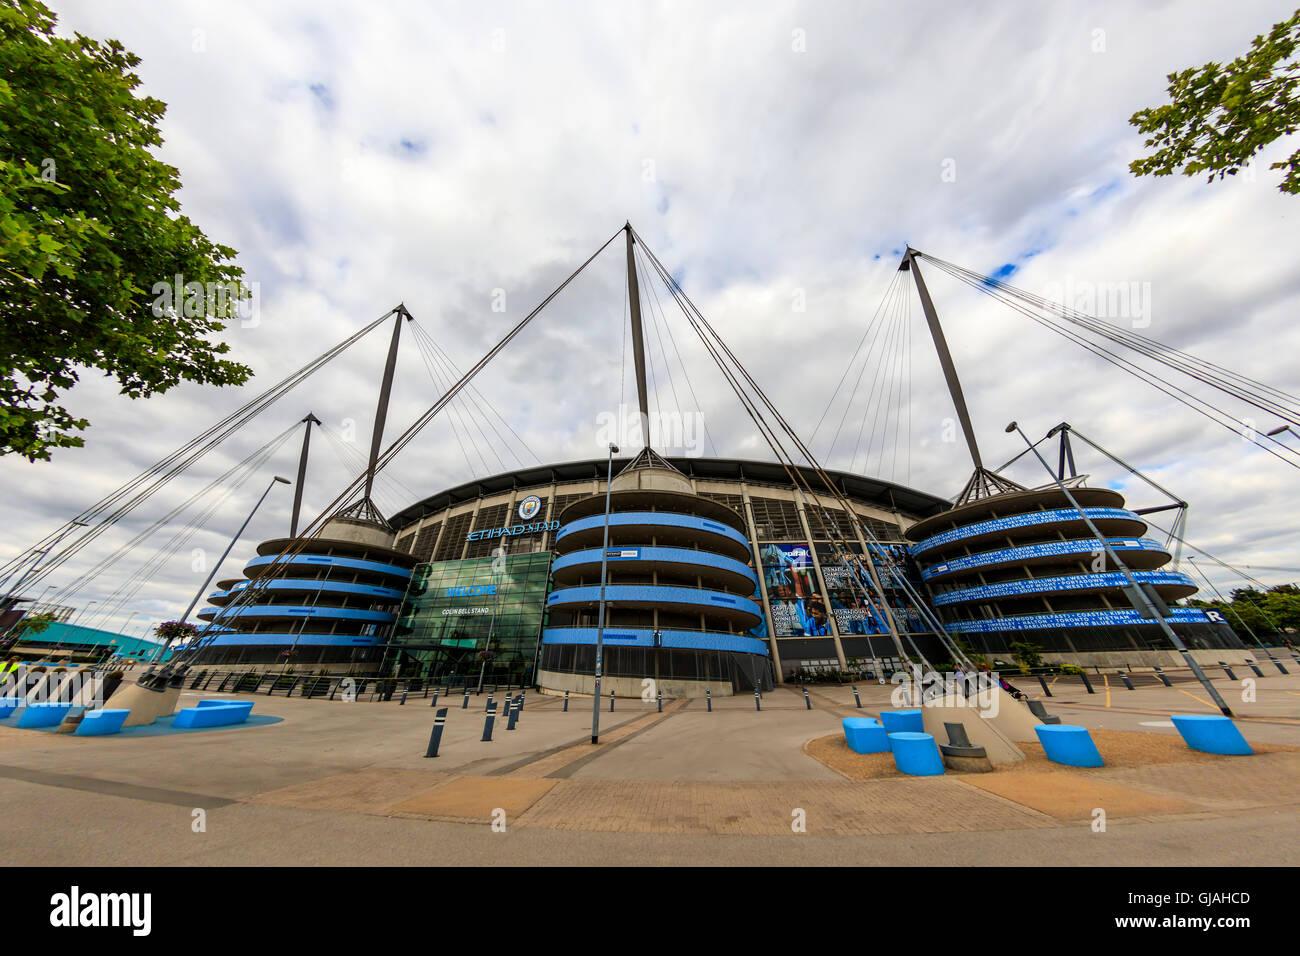 El estadio Etihad Stadium es el hogar de Manchester City Football Club de la Liga Premier Inglesa, uno de los más exitosos clubes en Inglaterra. Foto de stock